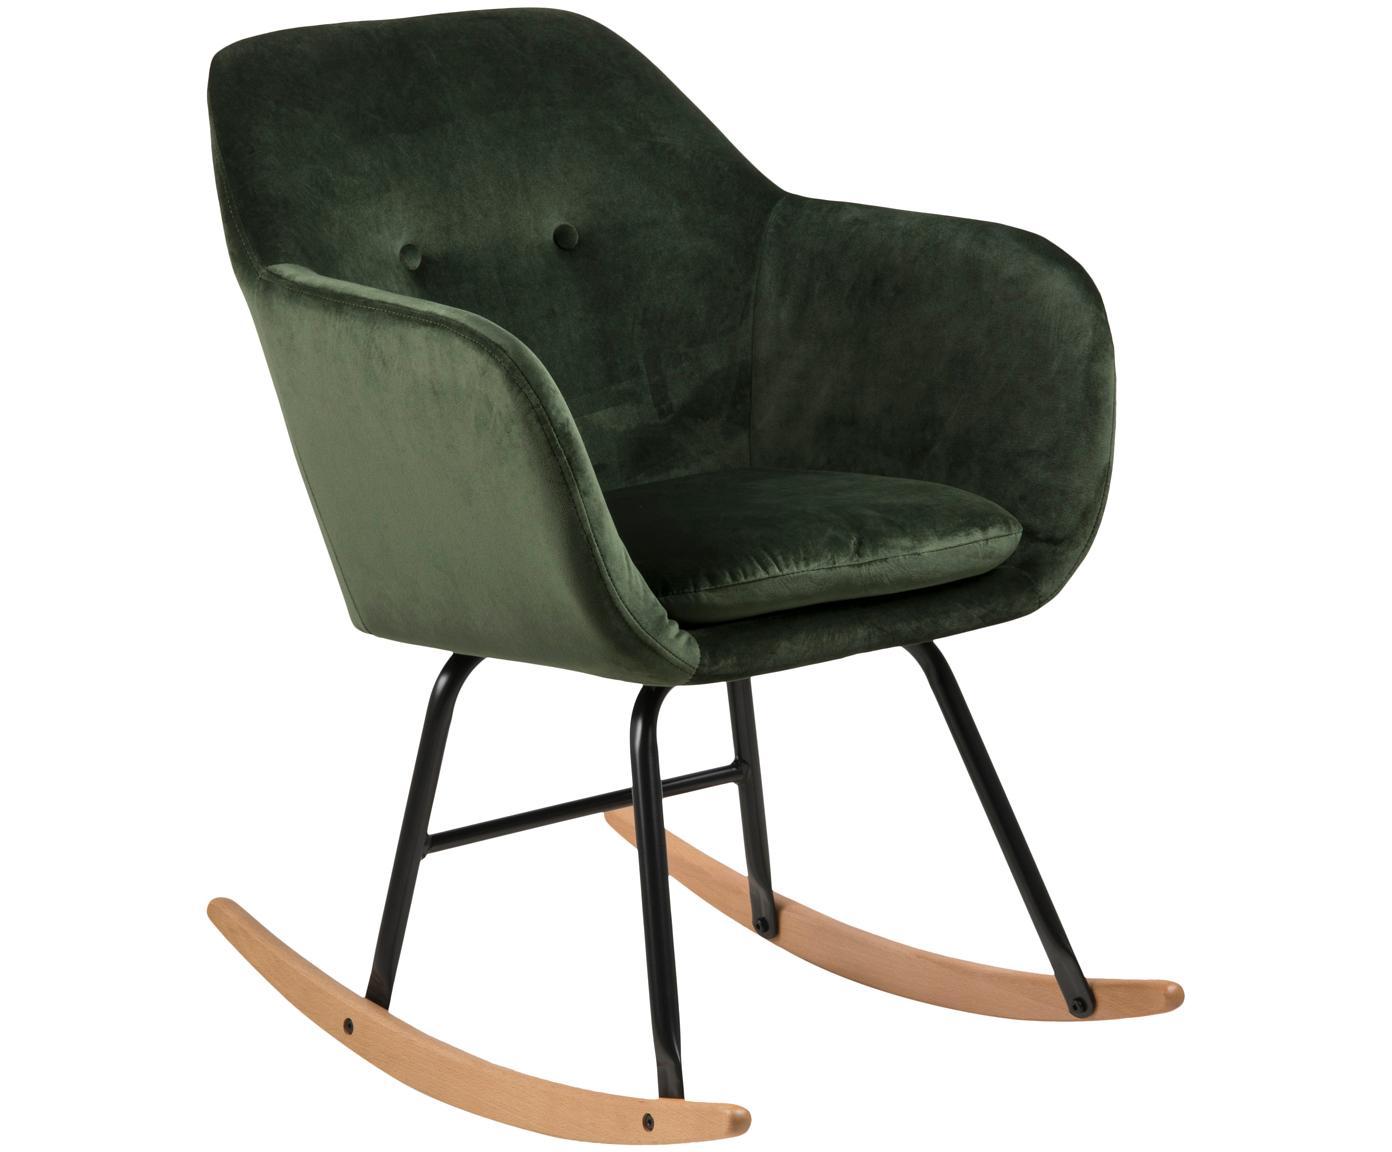 Fotel bujany  z aksamitu Emilia, Tapicerka: poliester (aksamit) Tkani, Nogi: metal malowany proszkowo, Aksamitny zielony, S 57 x W 81 cm